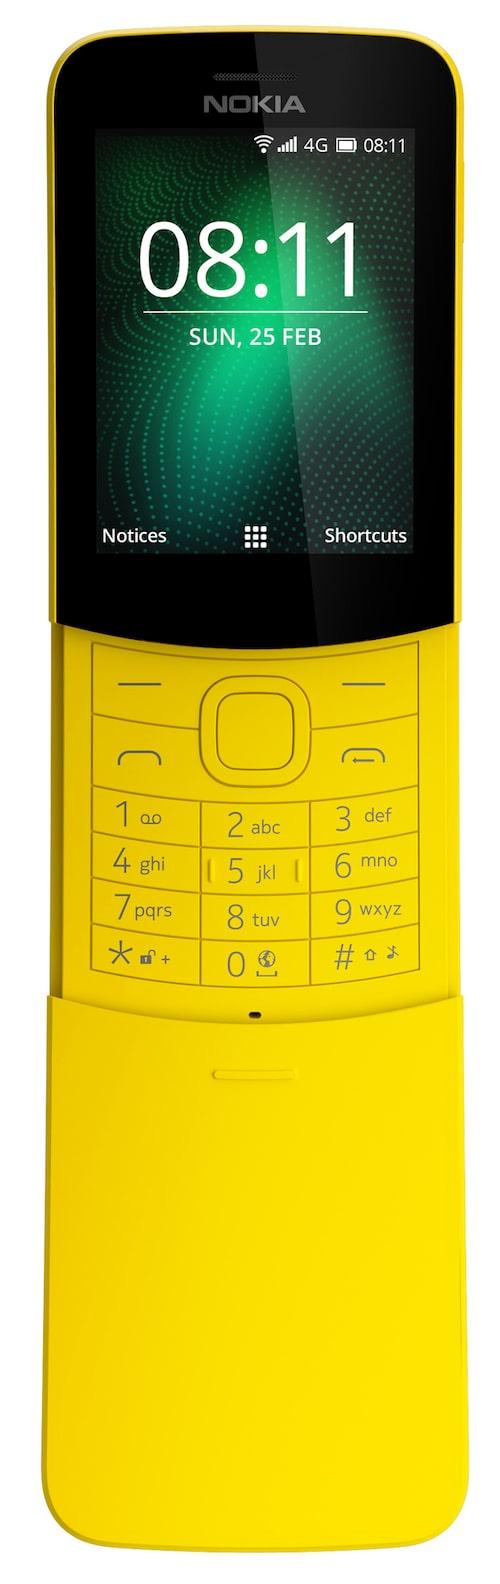 Nokia 8110 (knapptelefon)En remake av den gamla klassikern från 90-talet. Den är inte nödvändigtvis designad för en äldre publik, men telefonen i sig är mycket enkel och lätt att lära sig. Den har också ett oslagbar kultstatus, vilket är extra roligt. Vill man skoja till det lite, ha en enkel telefon som klarar de nödvändigaste funktionerna och samtidigt hålla kostnaderna nere så är detta ett riktigt bra alternativ. Finns i svart och en riktigt snygg gul färg.Cirkapris: 800 kr